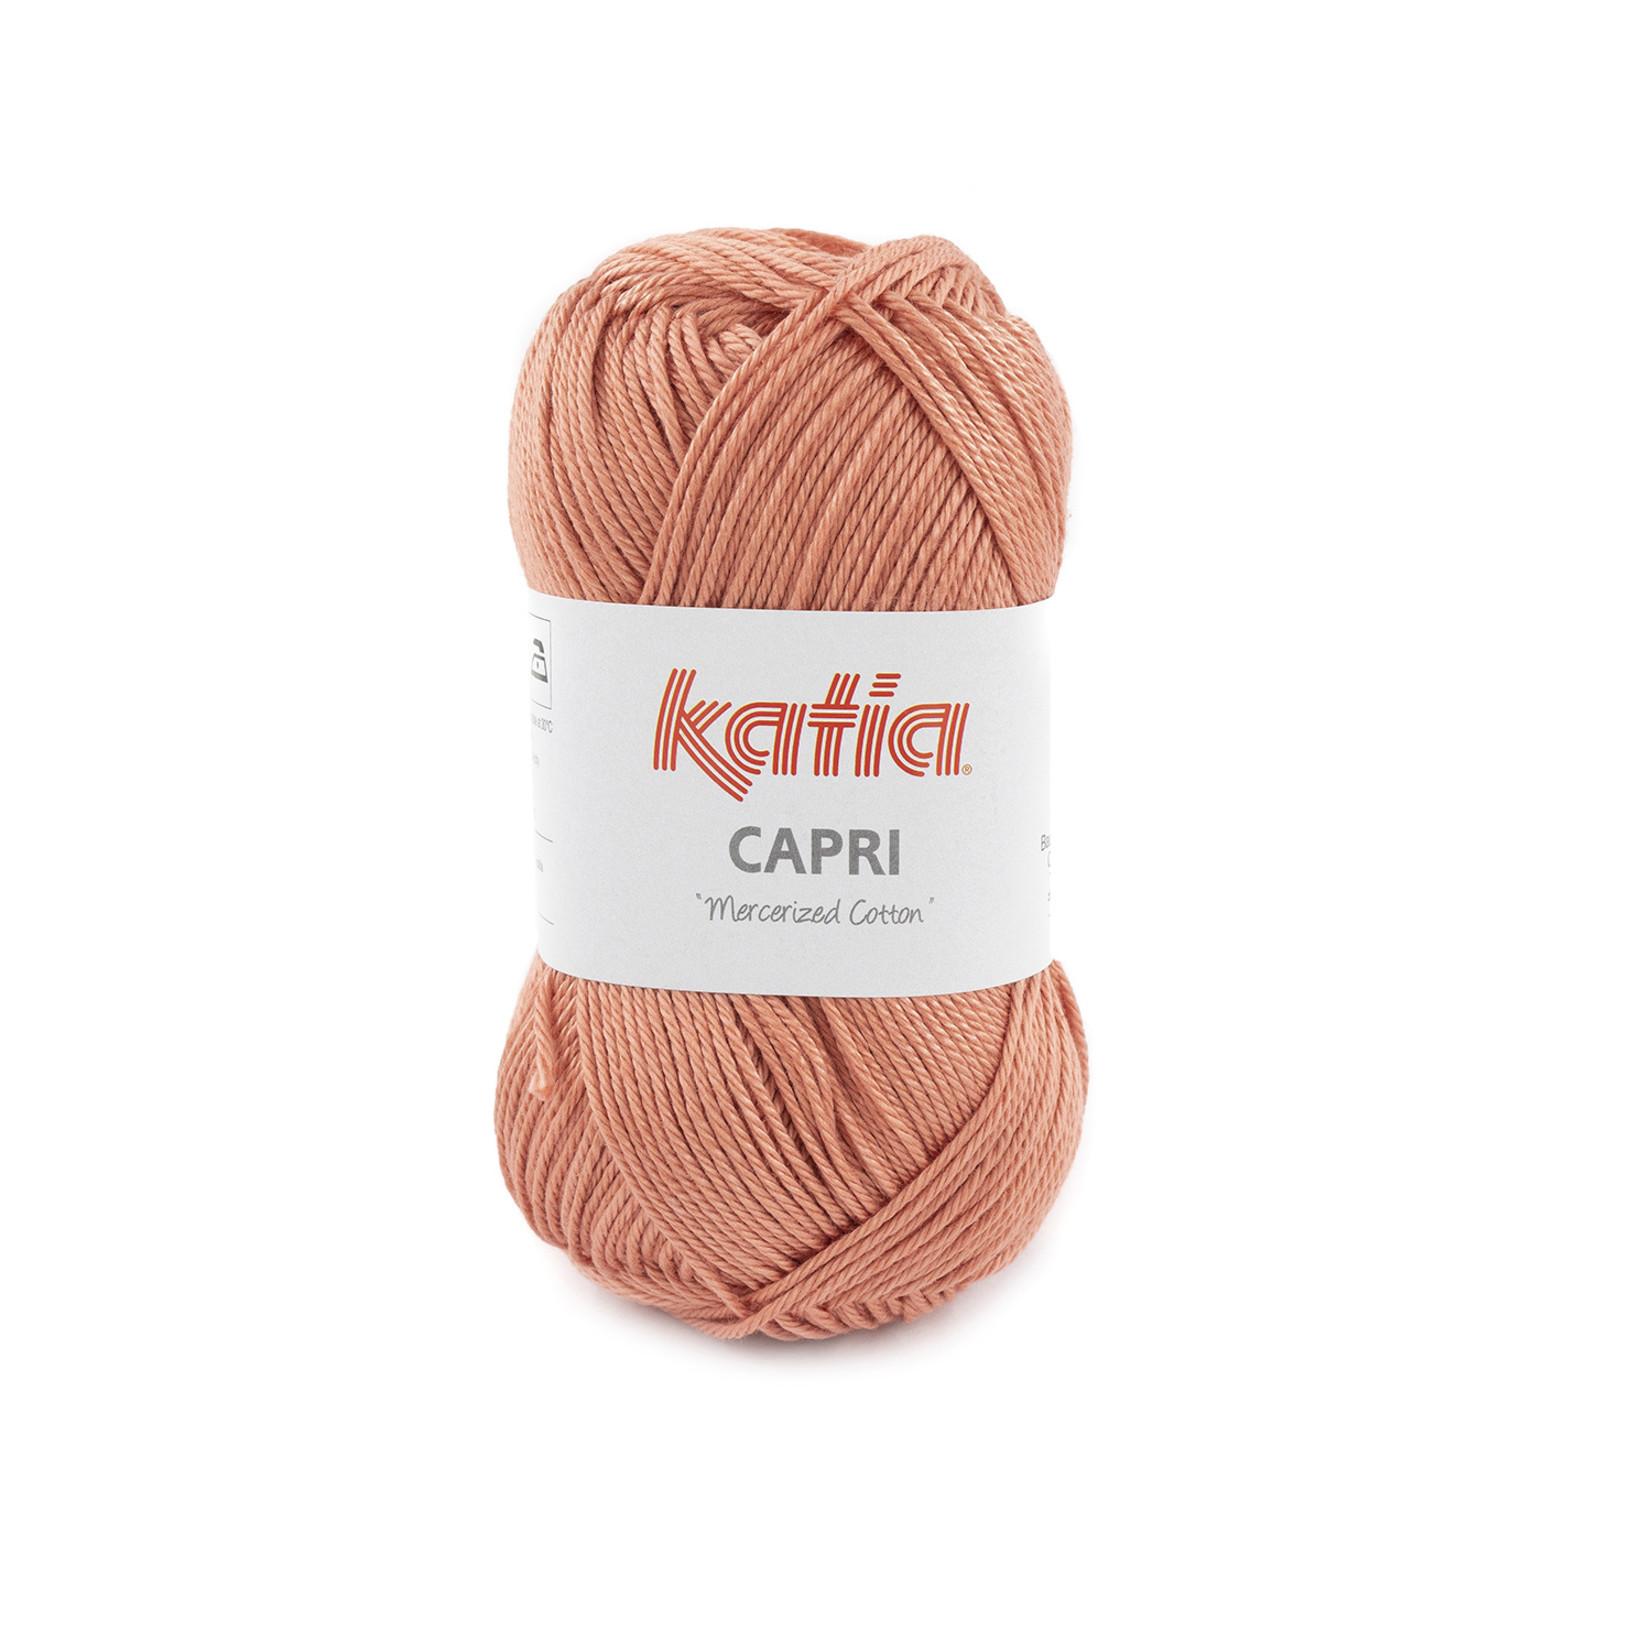 Katia Katia Capri - kleur 182 Framboosrood- 50 gr. = 125 m. - 100% katoen